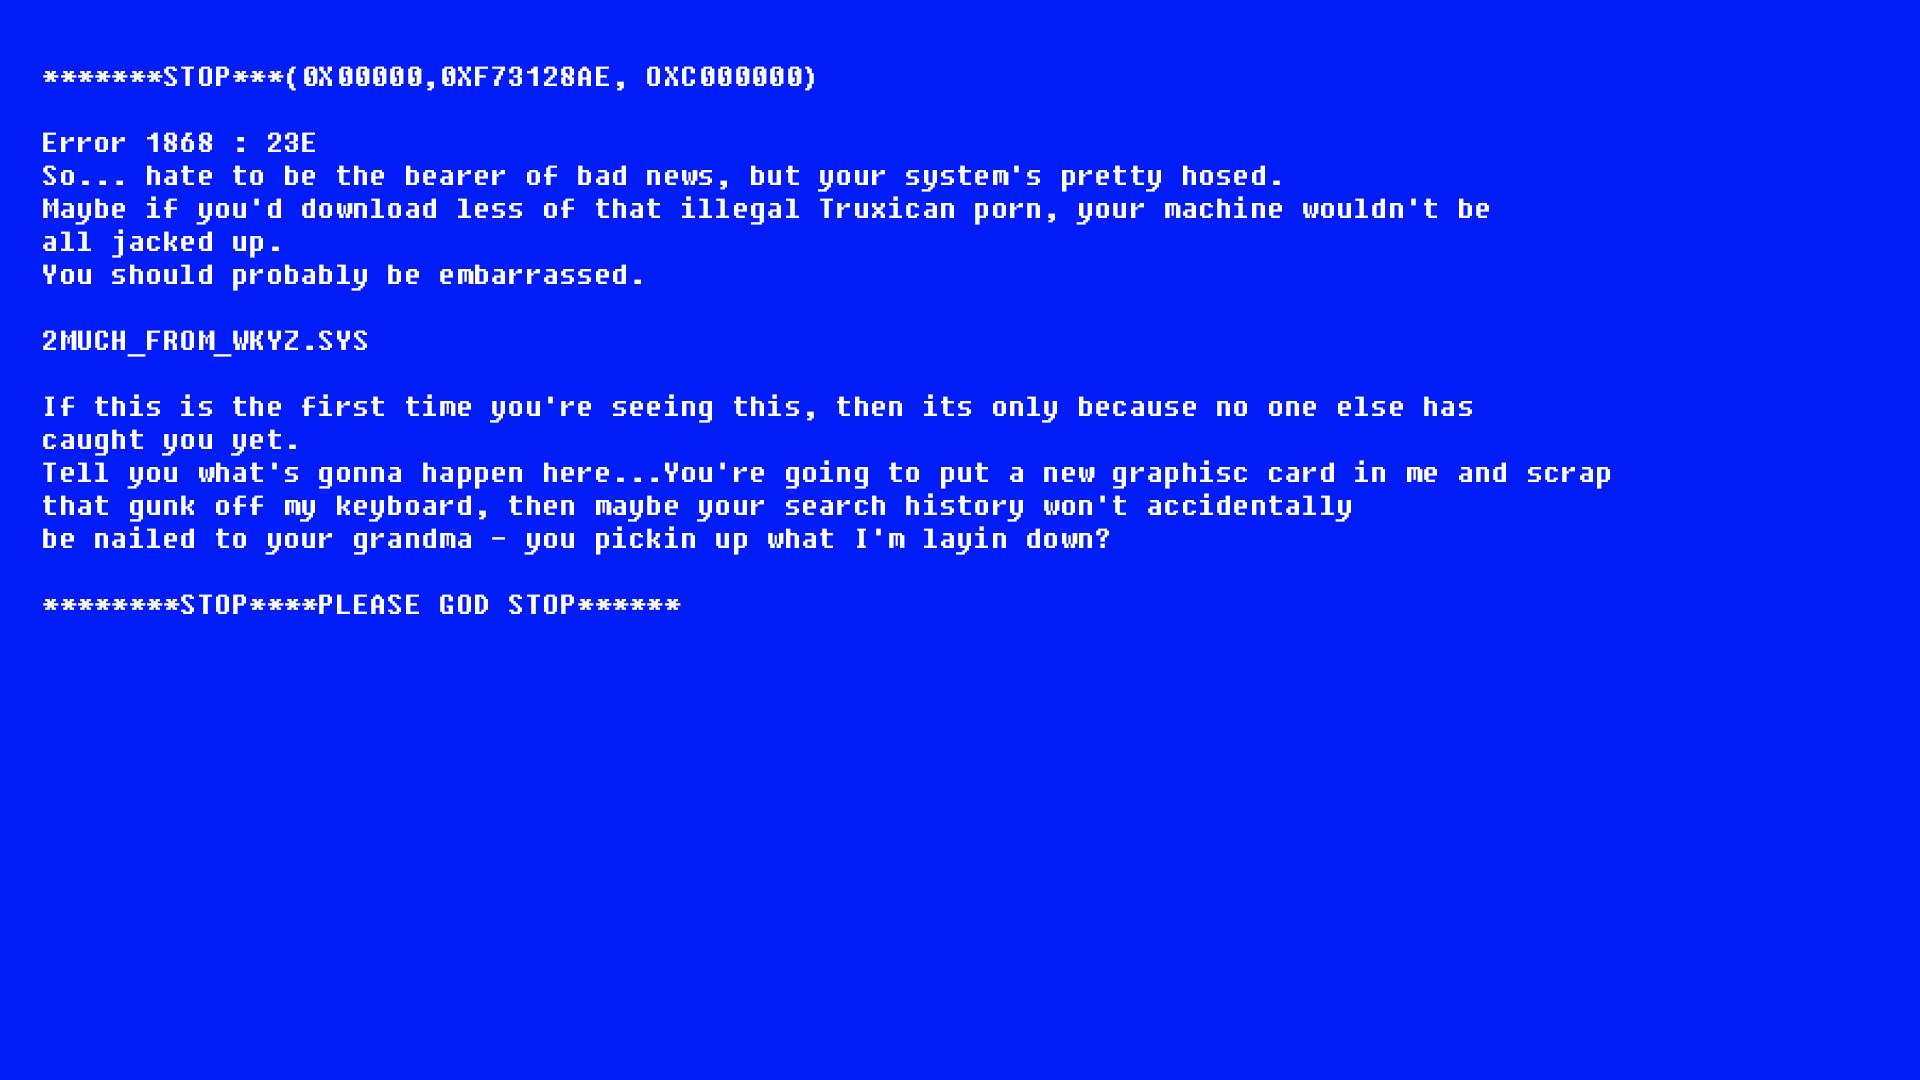 Blue Screen Wallpaper 1920x1080